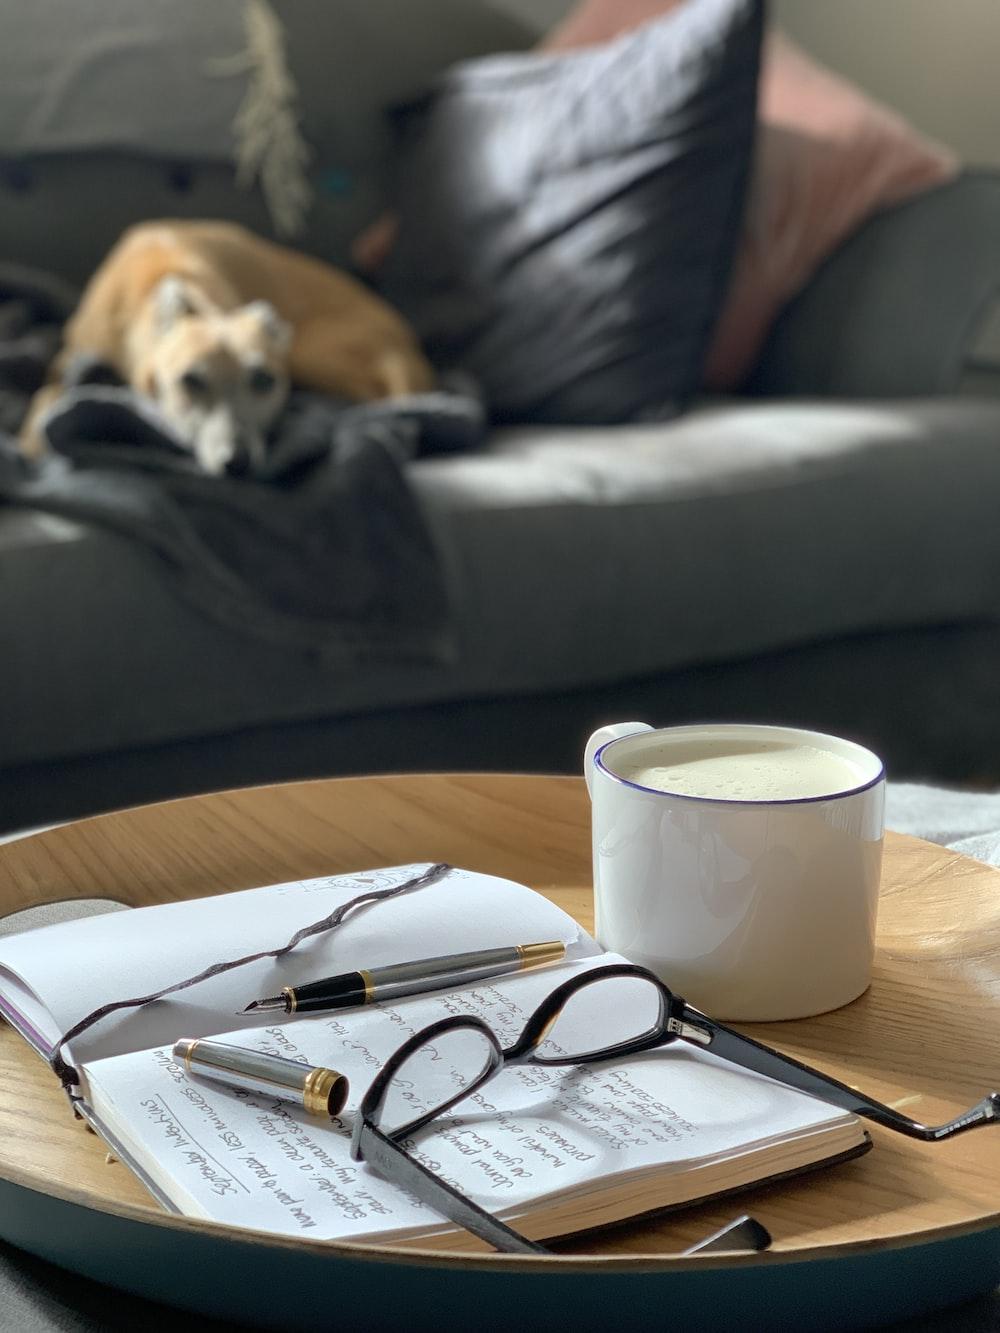 black framed eyeglasses on white notebook